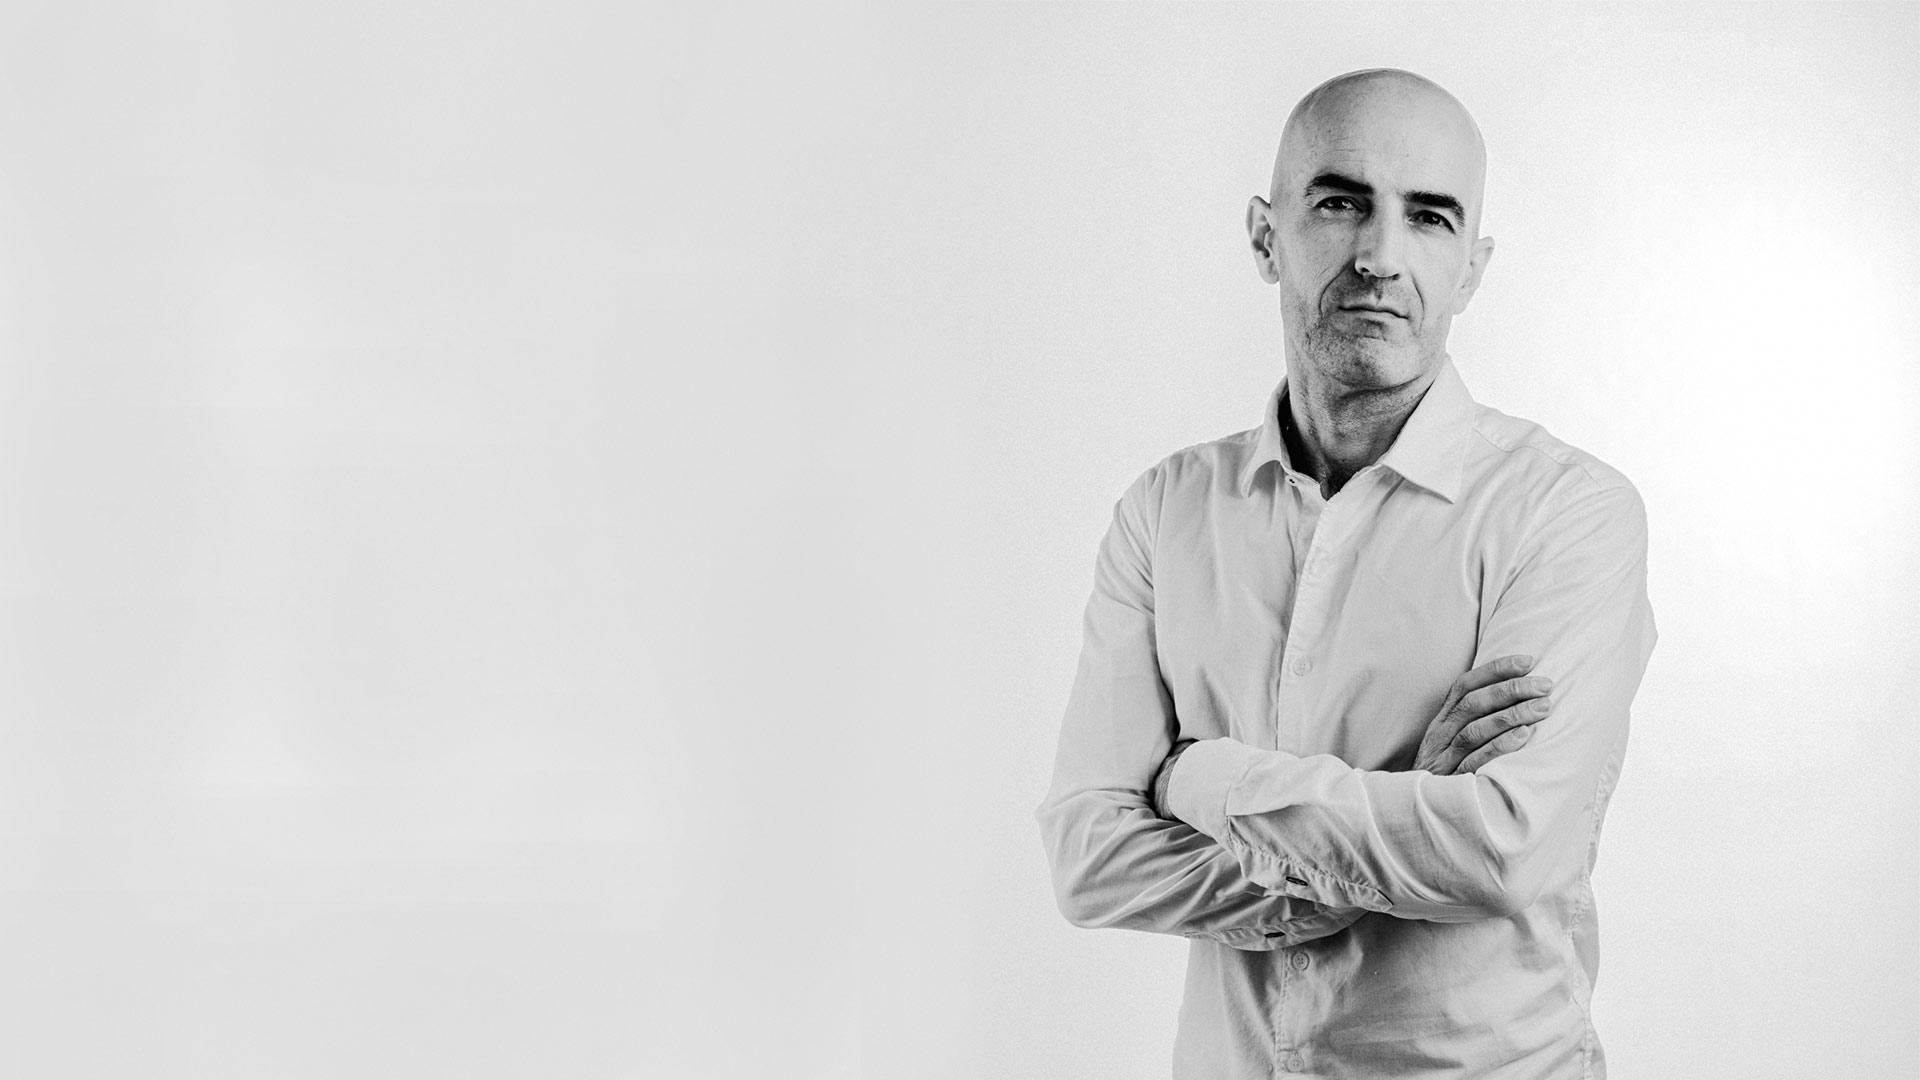 Andrés Expósito